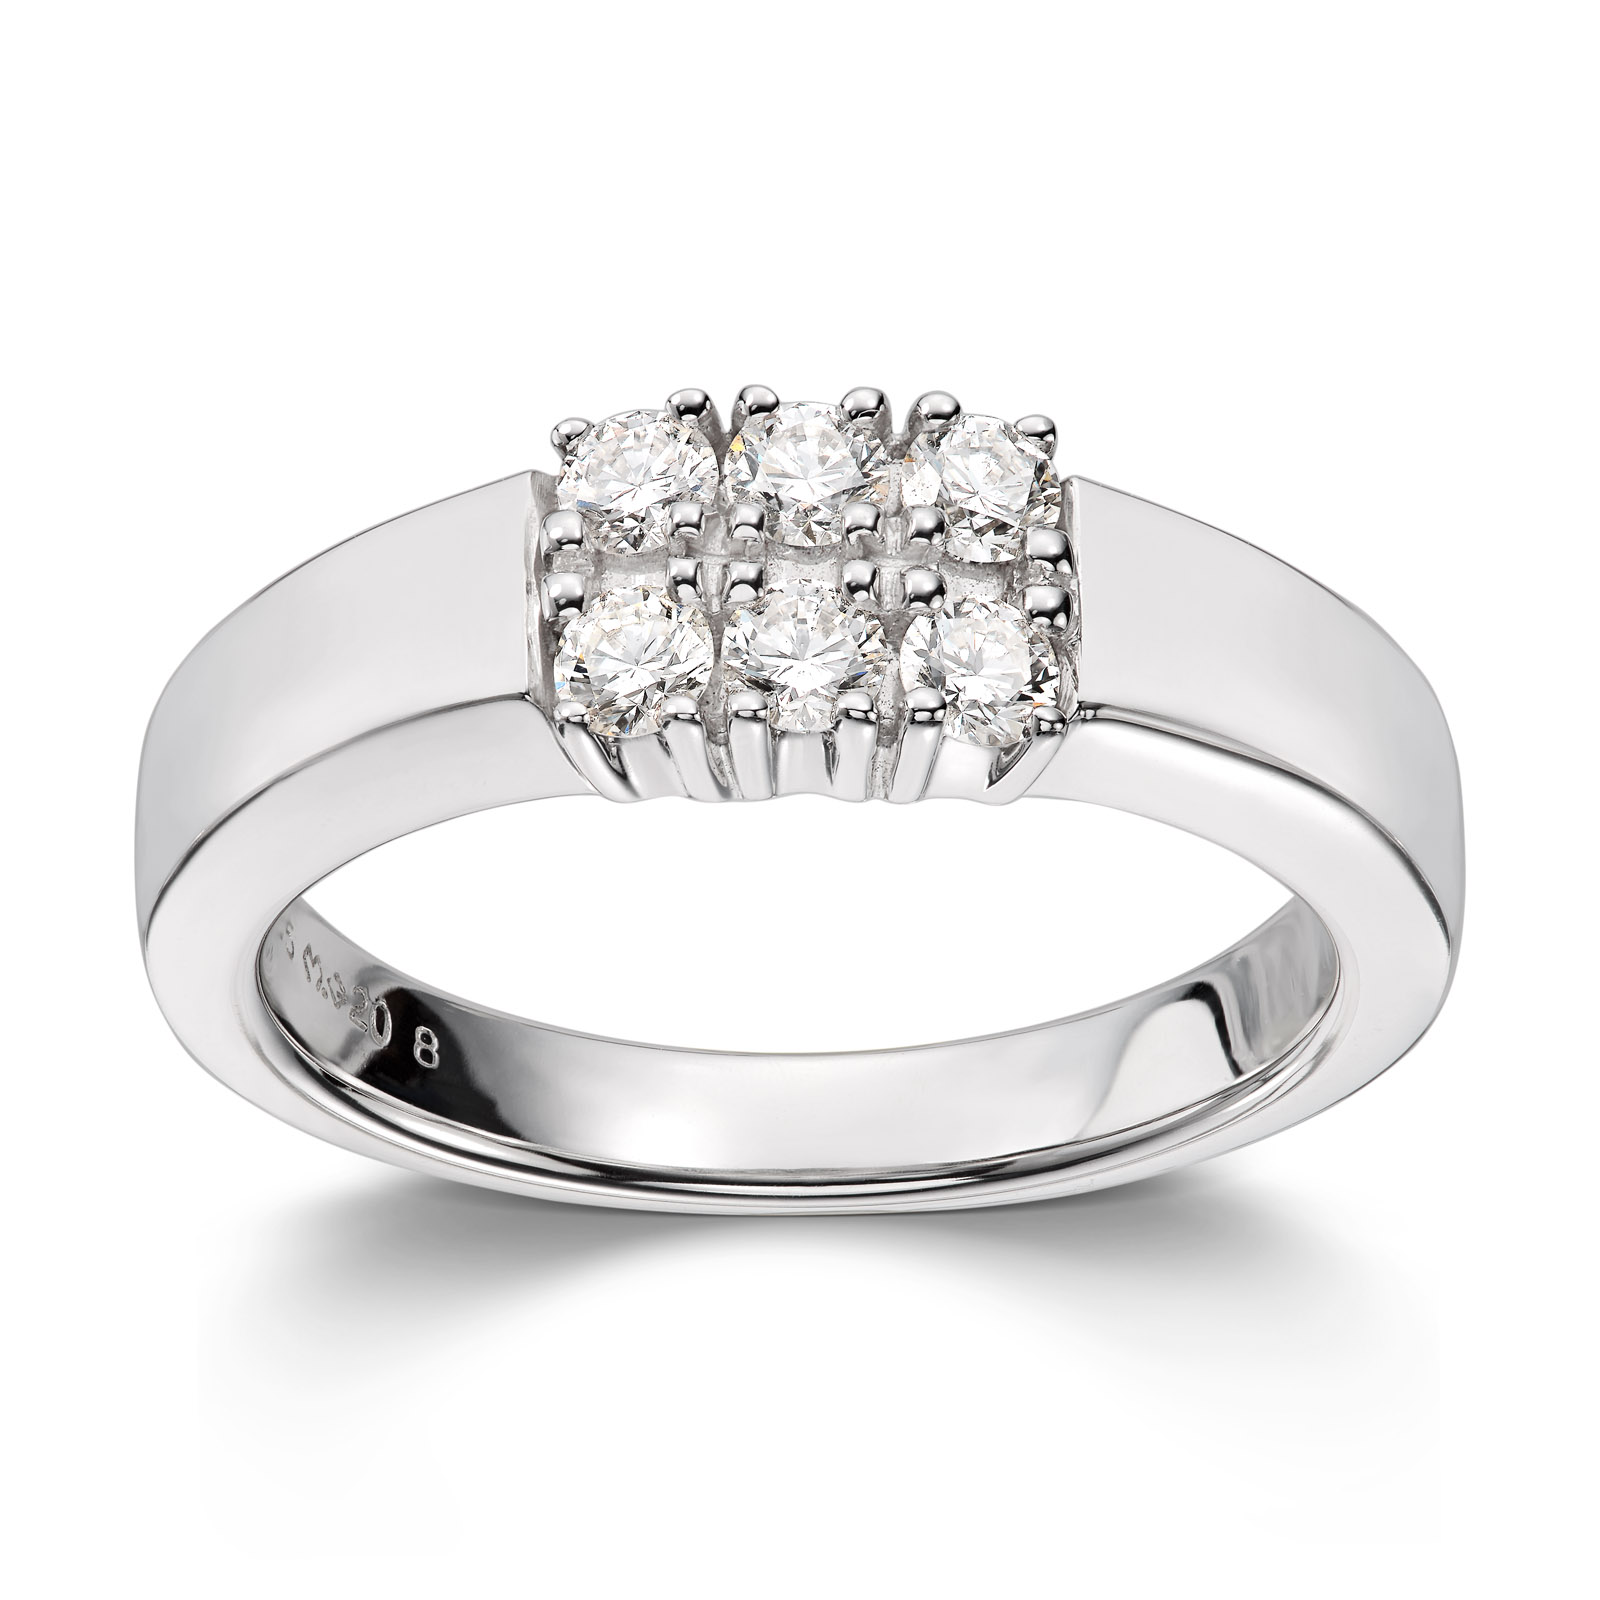 Mestergull Klassisk allianse ring med diamanter i dobbel rekke ALLIANSE Dia. 0,08 ct. Ring